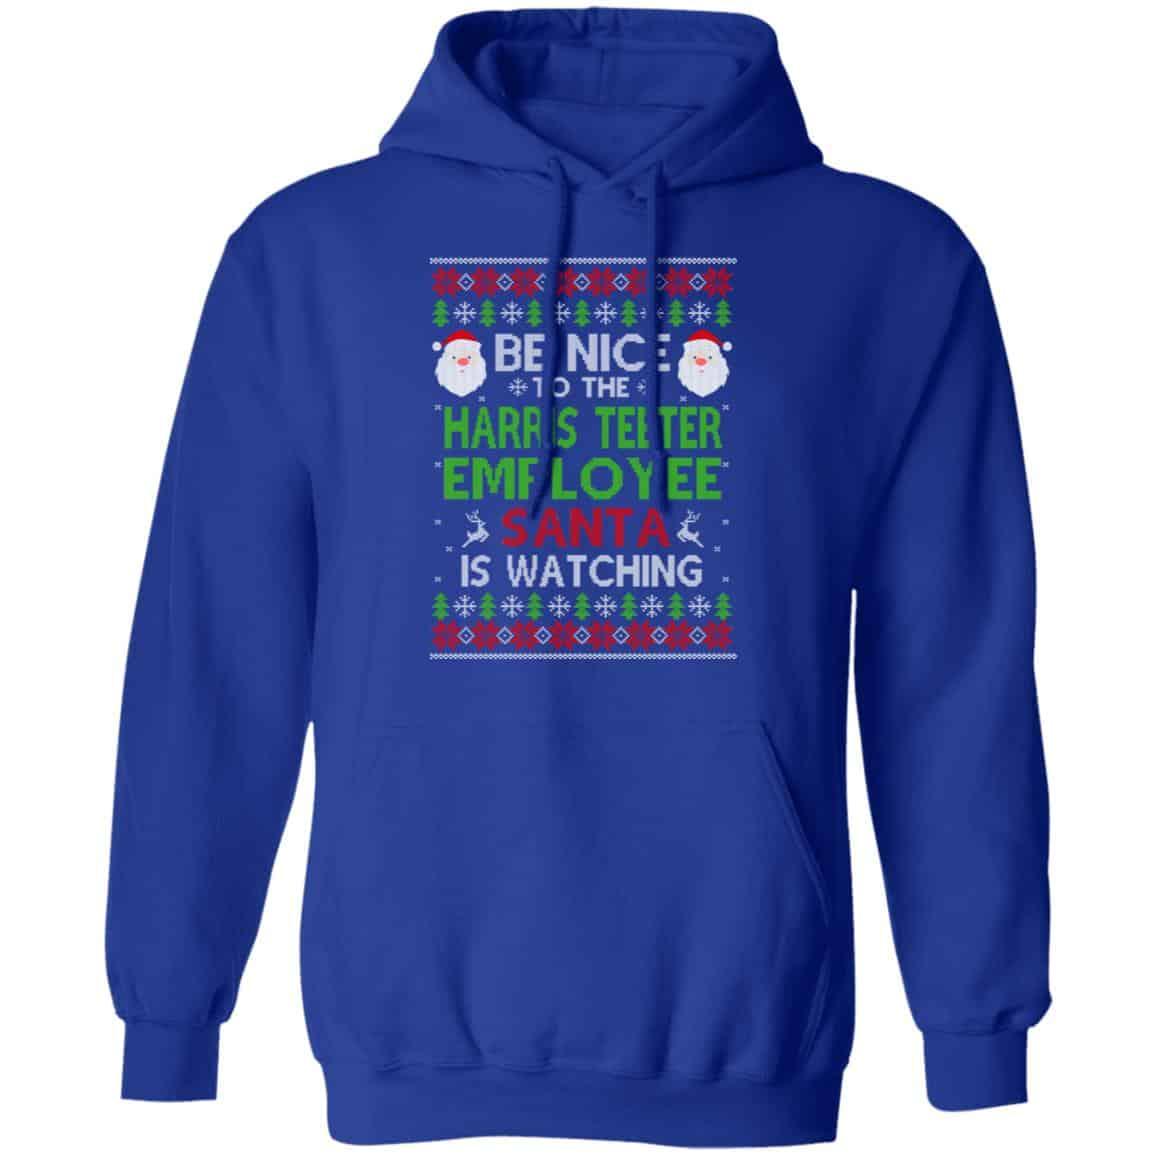 Be Nice To The Harris Teeter Employee Santa Is Watching Christmas Sweater, Shirt, Hoodie   0sTees